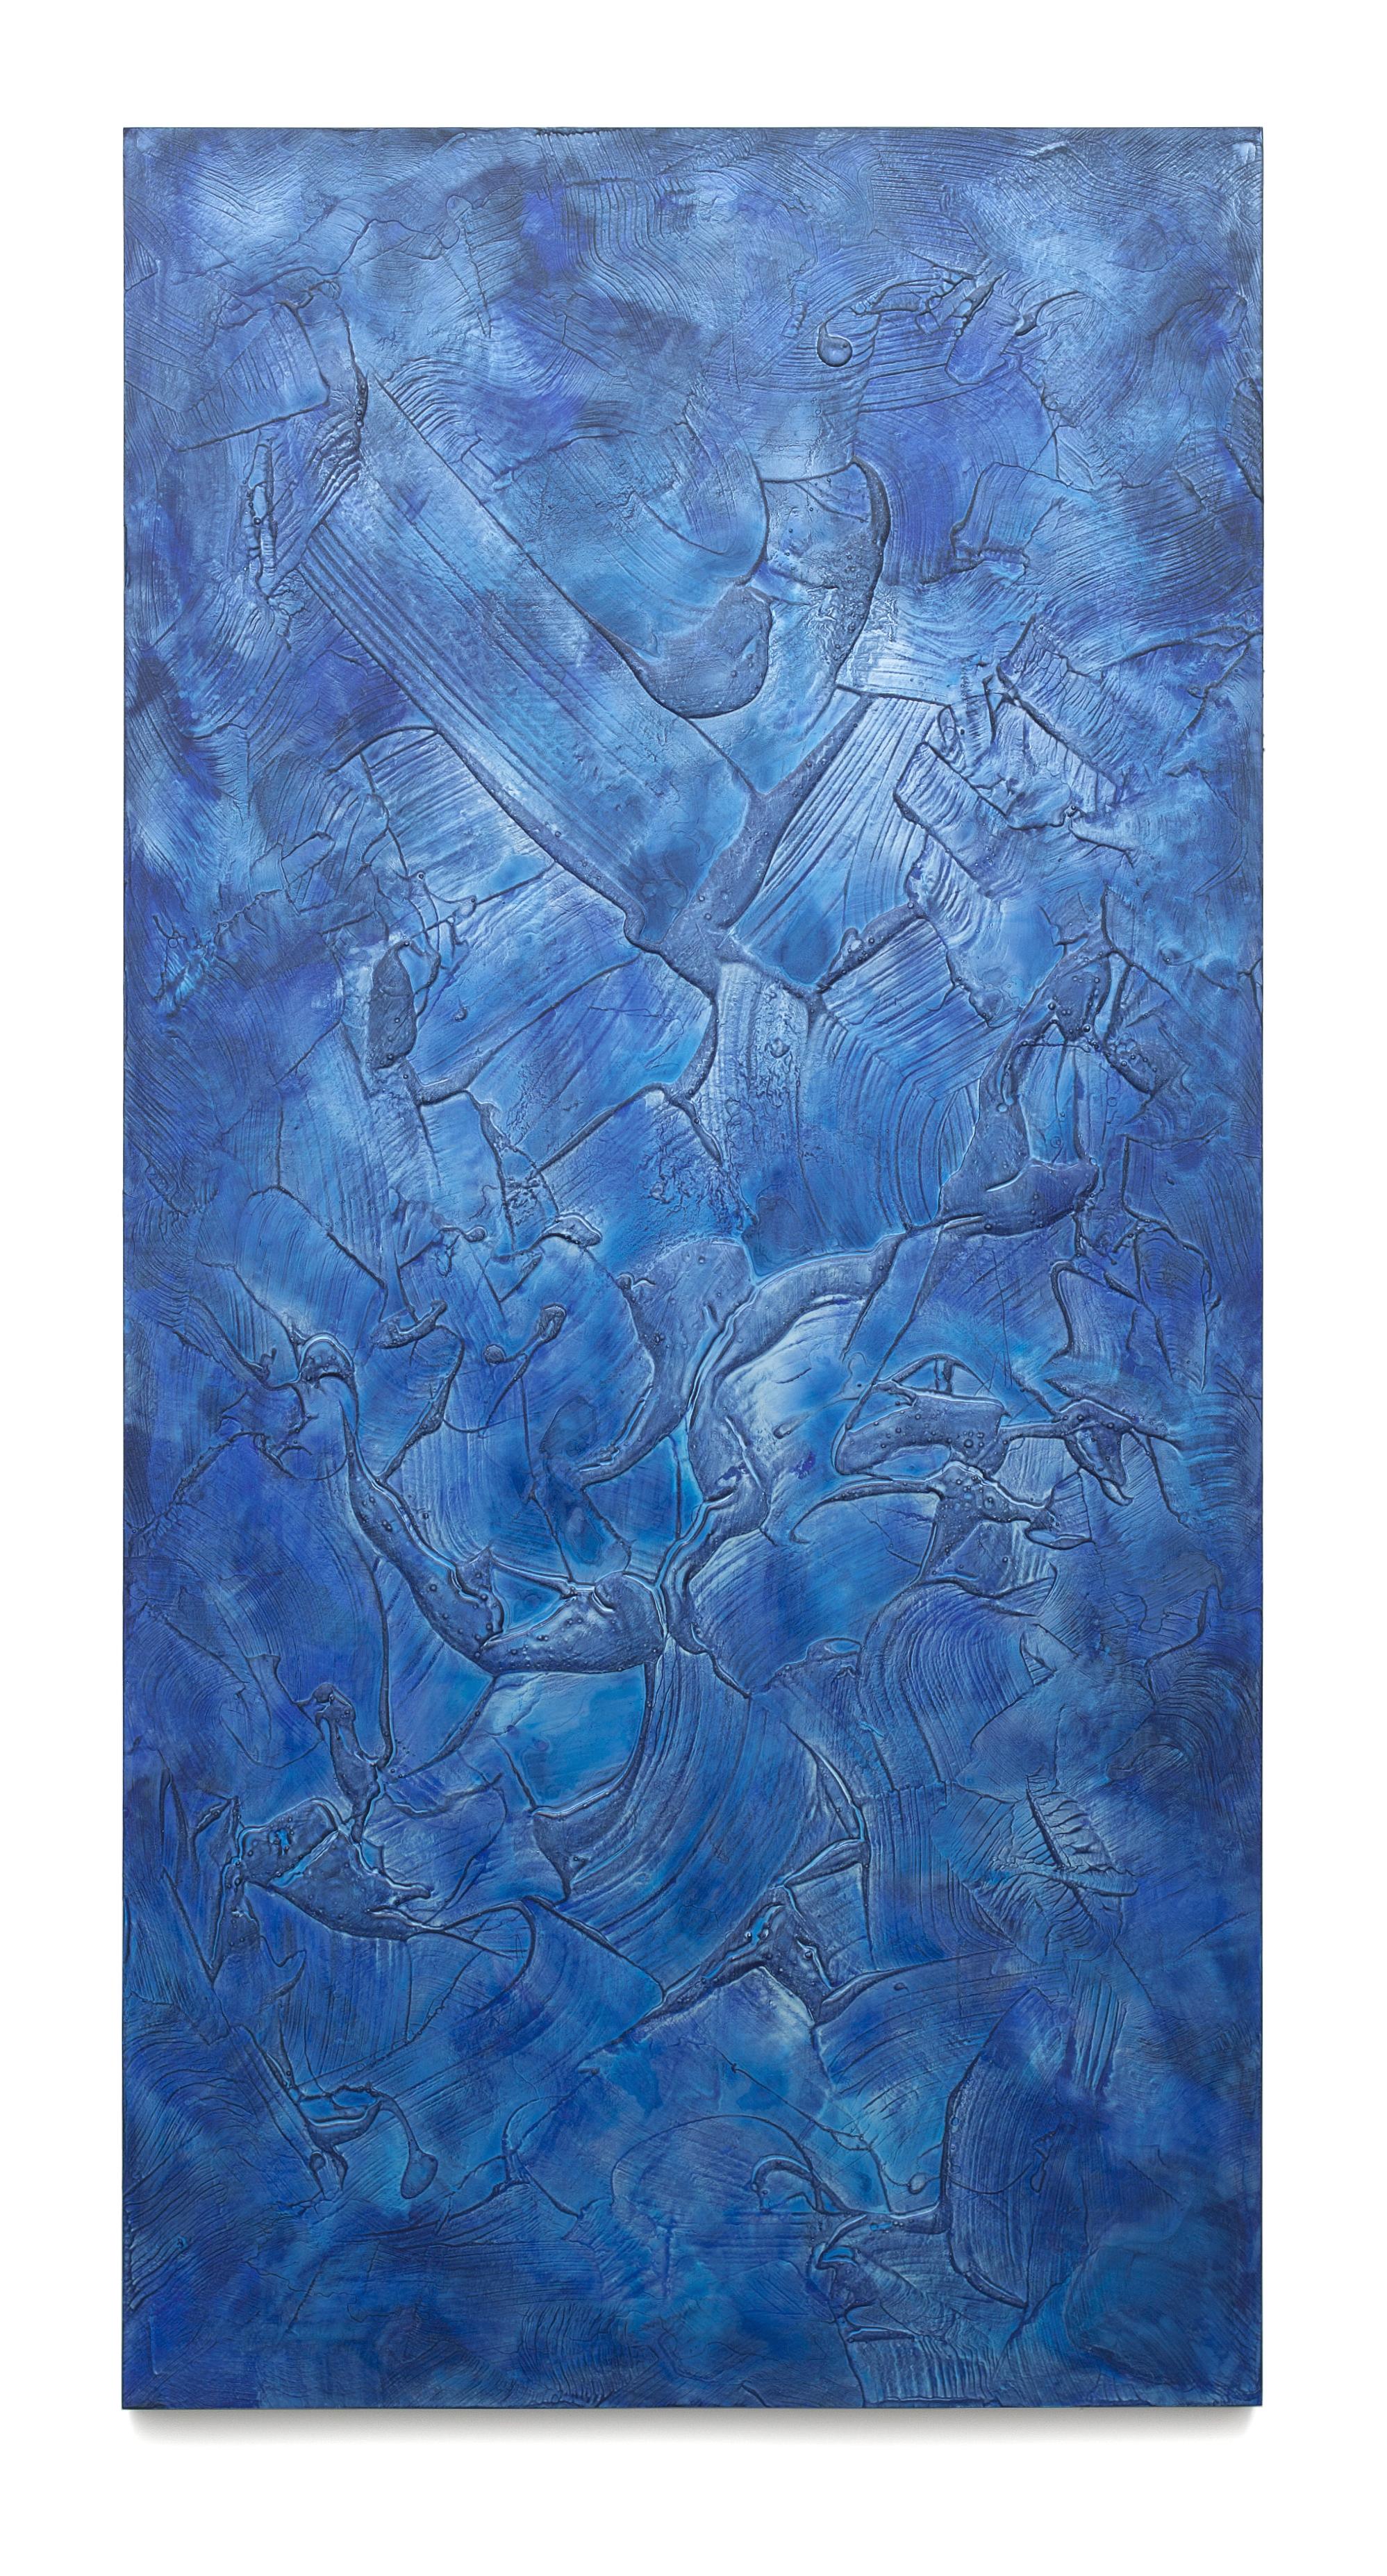 """Untitled (Can't Swim 08), 2018, Acrylic on archival foam board, 96"""" x 48"""""""